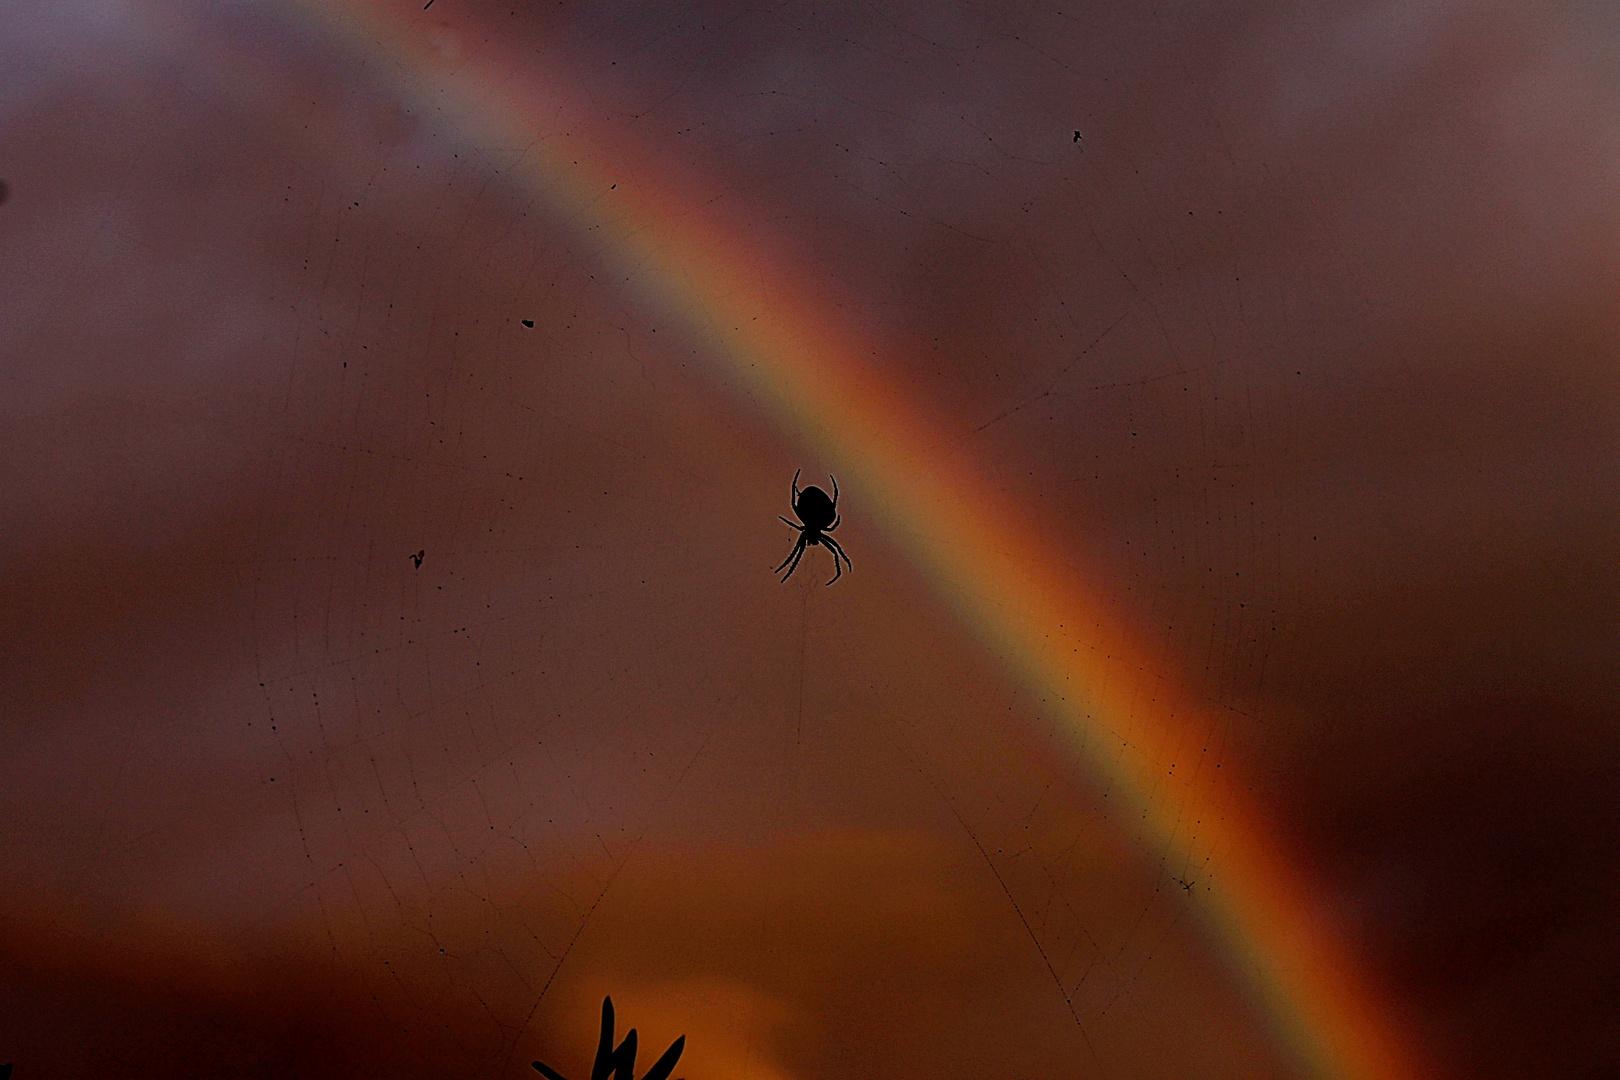 Wer genau hinsieht, bemerkt das Netz in schwarzer Farbe vor dem Regenbogen